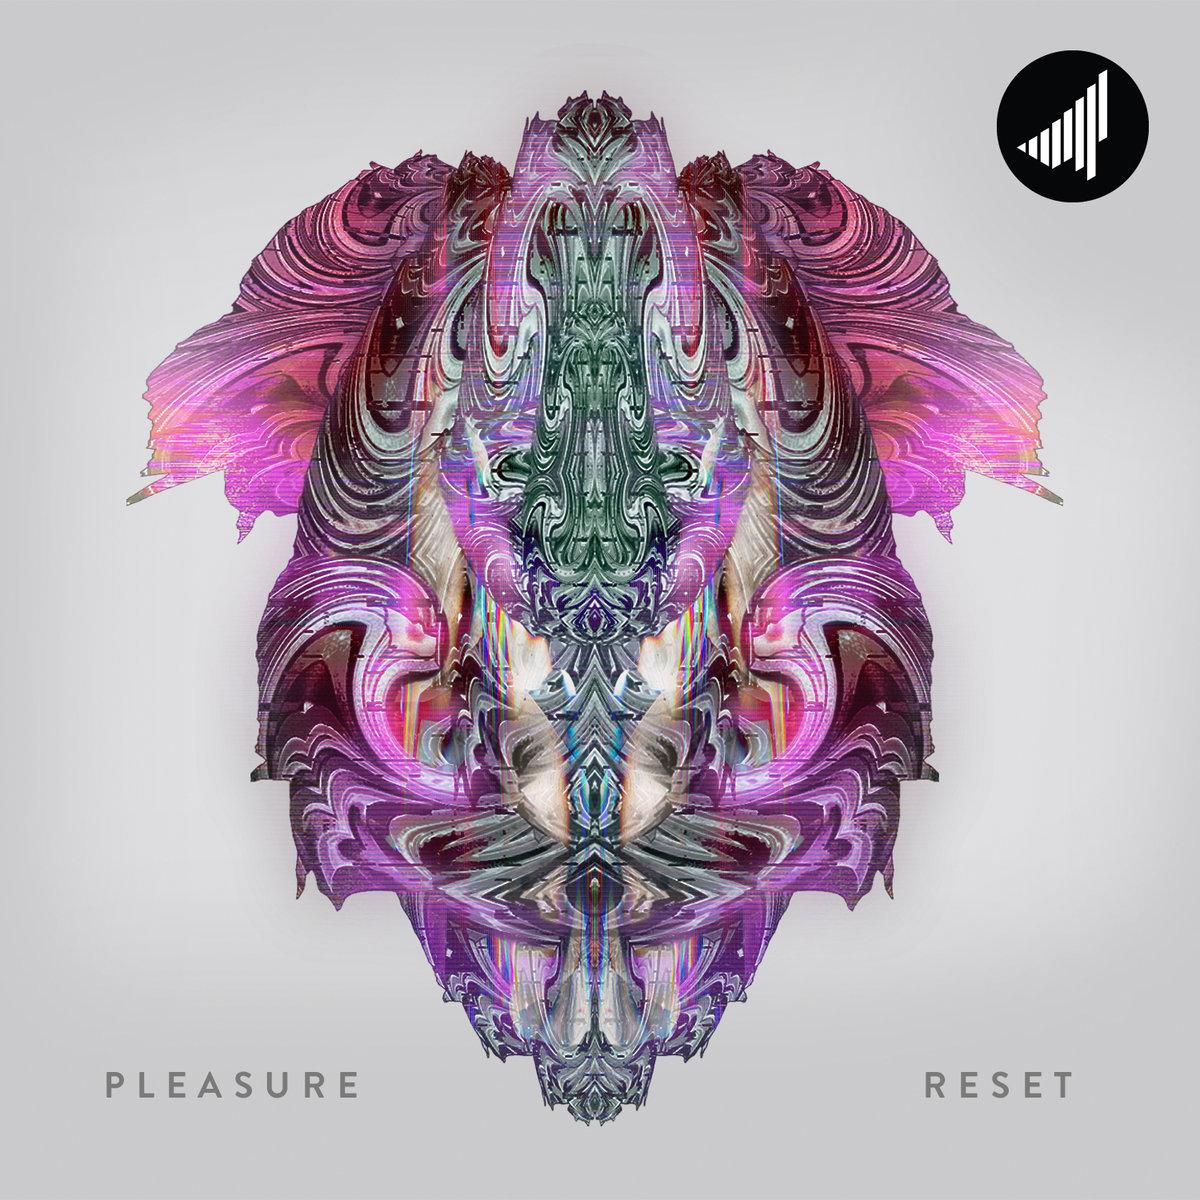 https://saturaterecords.bandcamp.com/album/pleasure-reset-strtep042